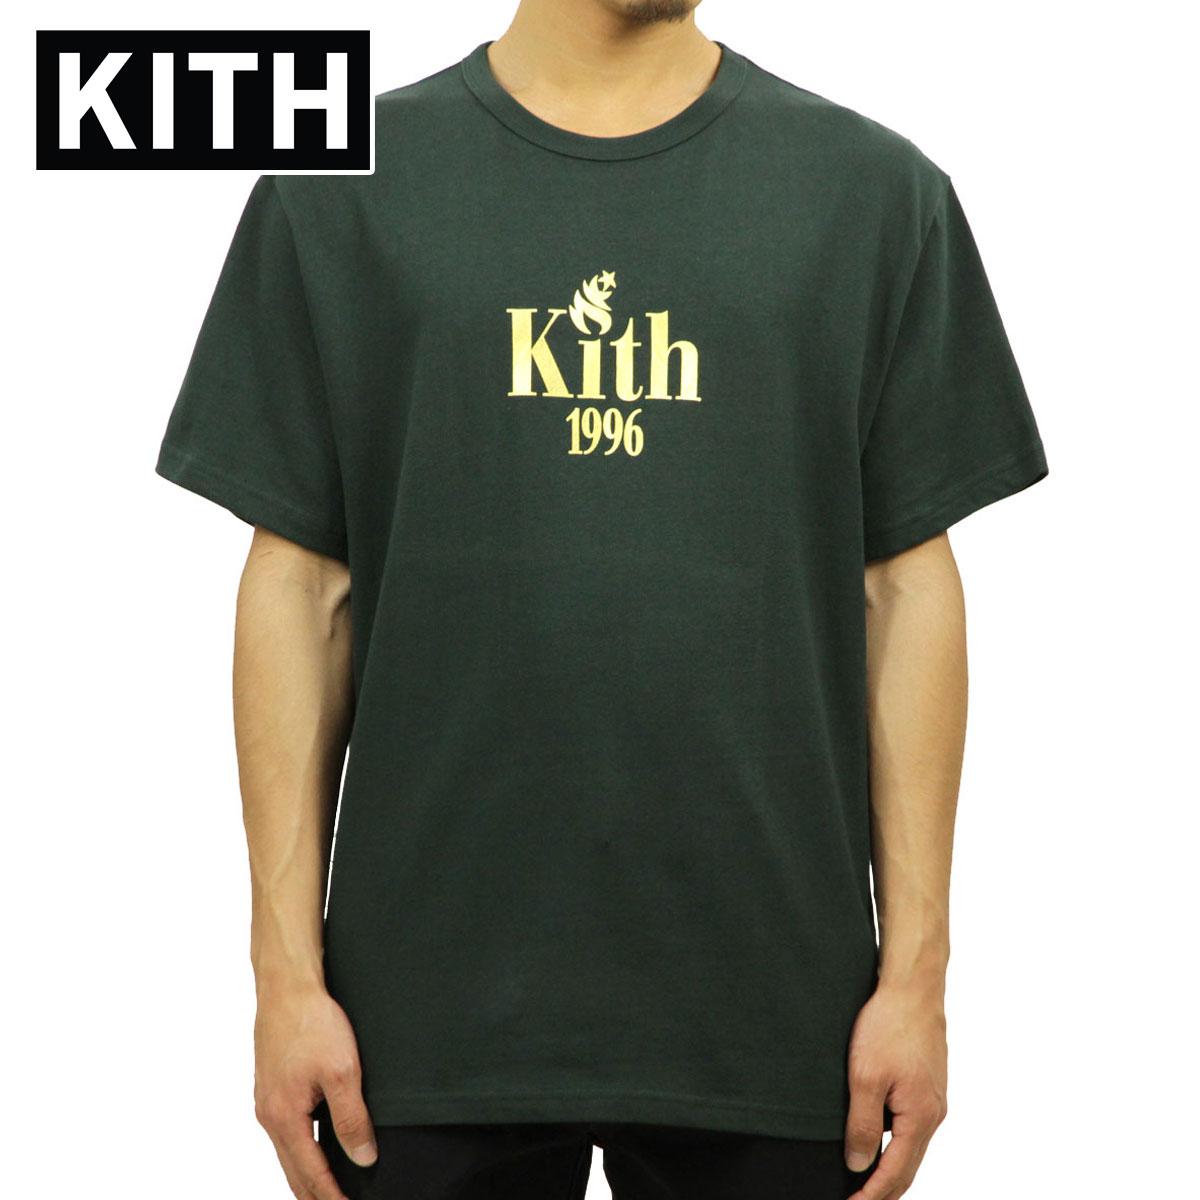 キス KITH 正規品 メンズ 半袖Tシャツ KITH 1996 TEE FOREST GREEN KH3083-106 D00S15